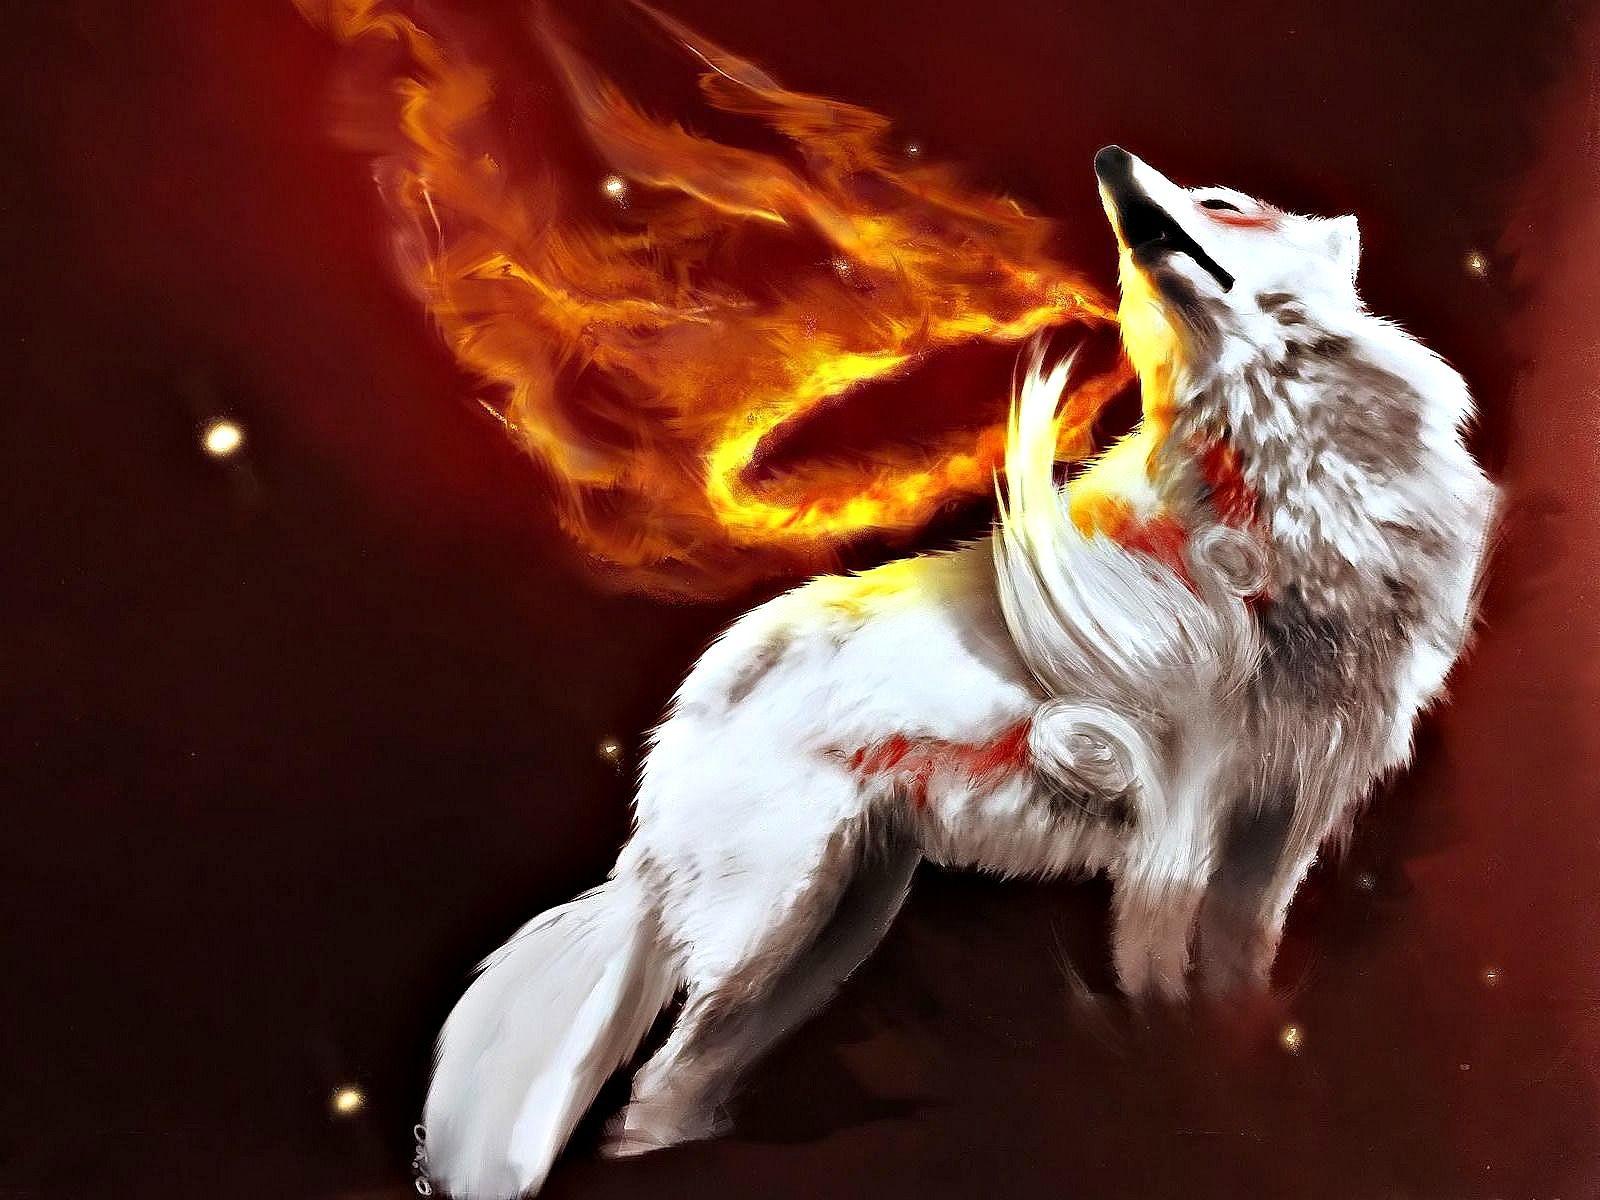 Call Of The White Wolf Wolf Hintergrundbild Tier Wallpaper Kunstgeschichte